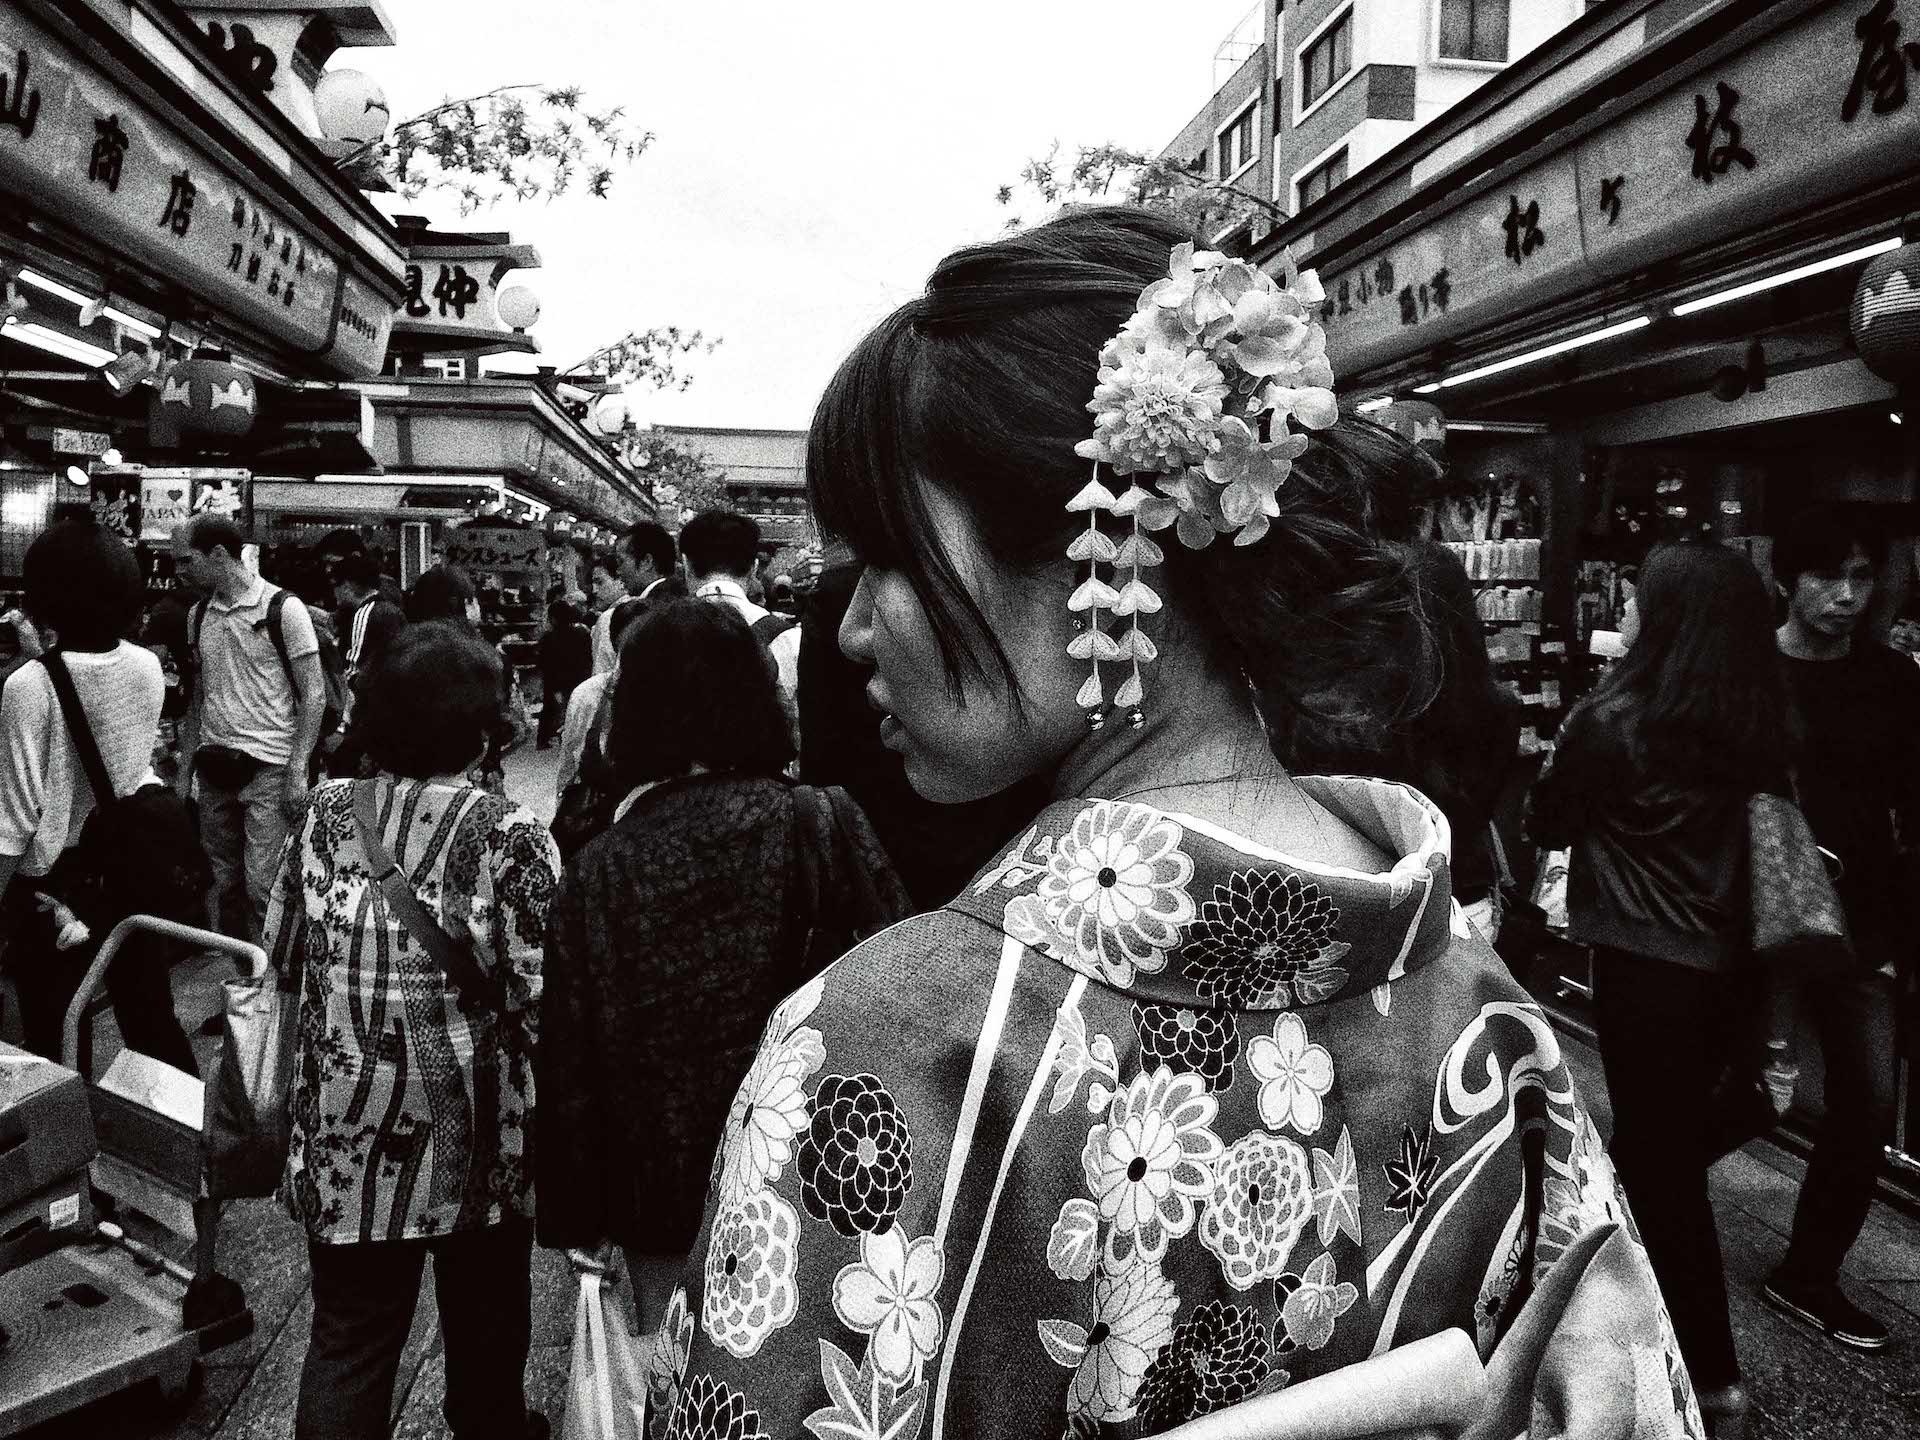 東京の路地裏を捉えた森山大道の写真集『Tokyo』が発売|撮影現場に同行したインタビュー動画公開&パネル展も開催 ac200714_daido_moriyama_07